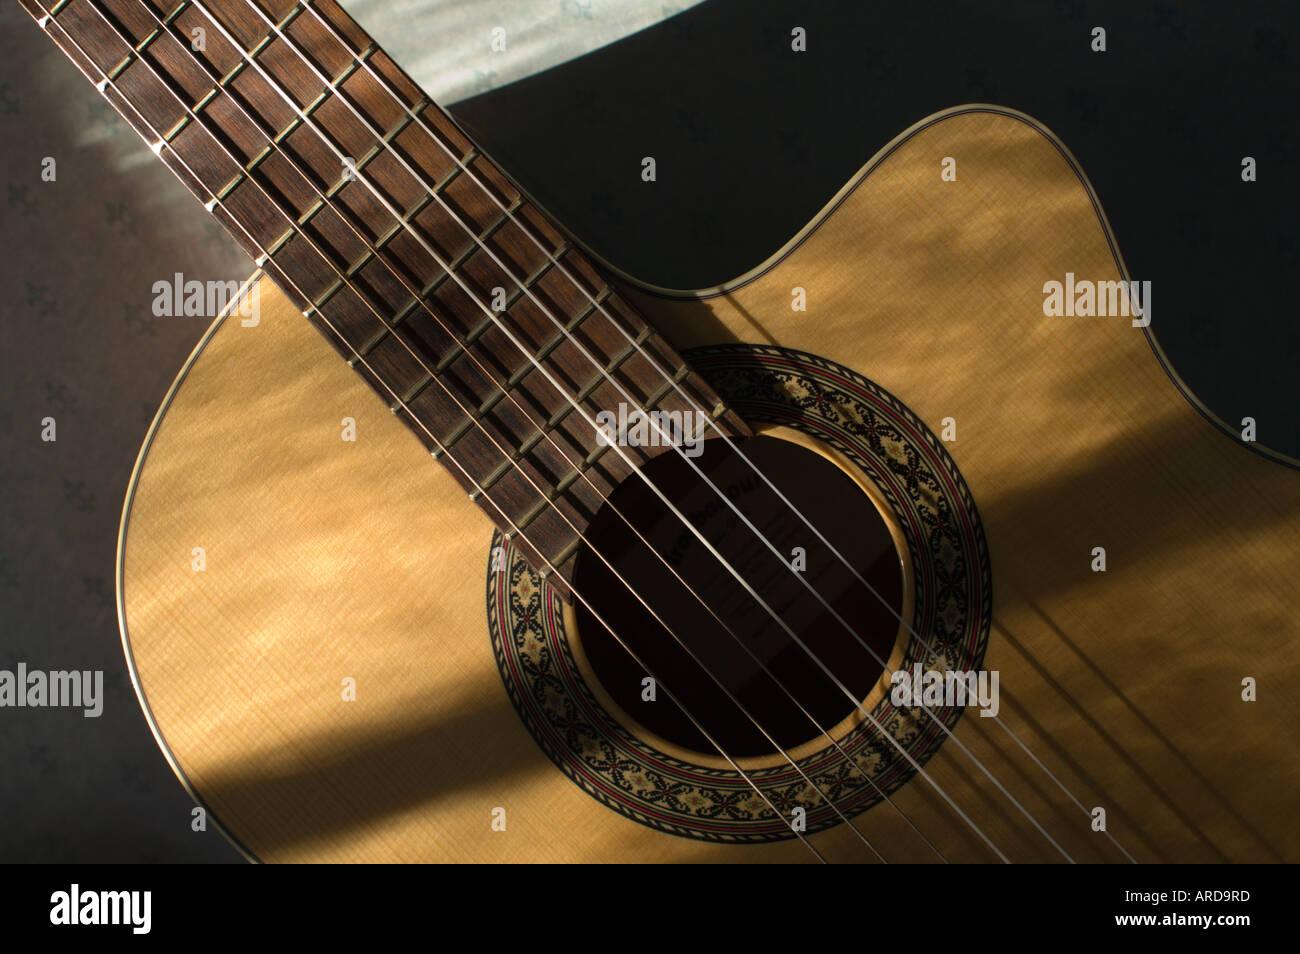 Pretty Book Cover Guitar : Album cover design stock photos